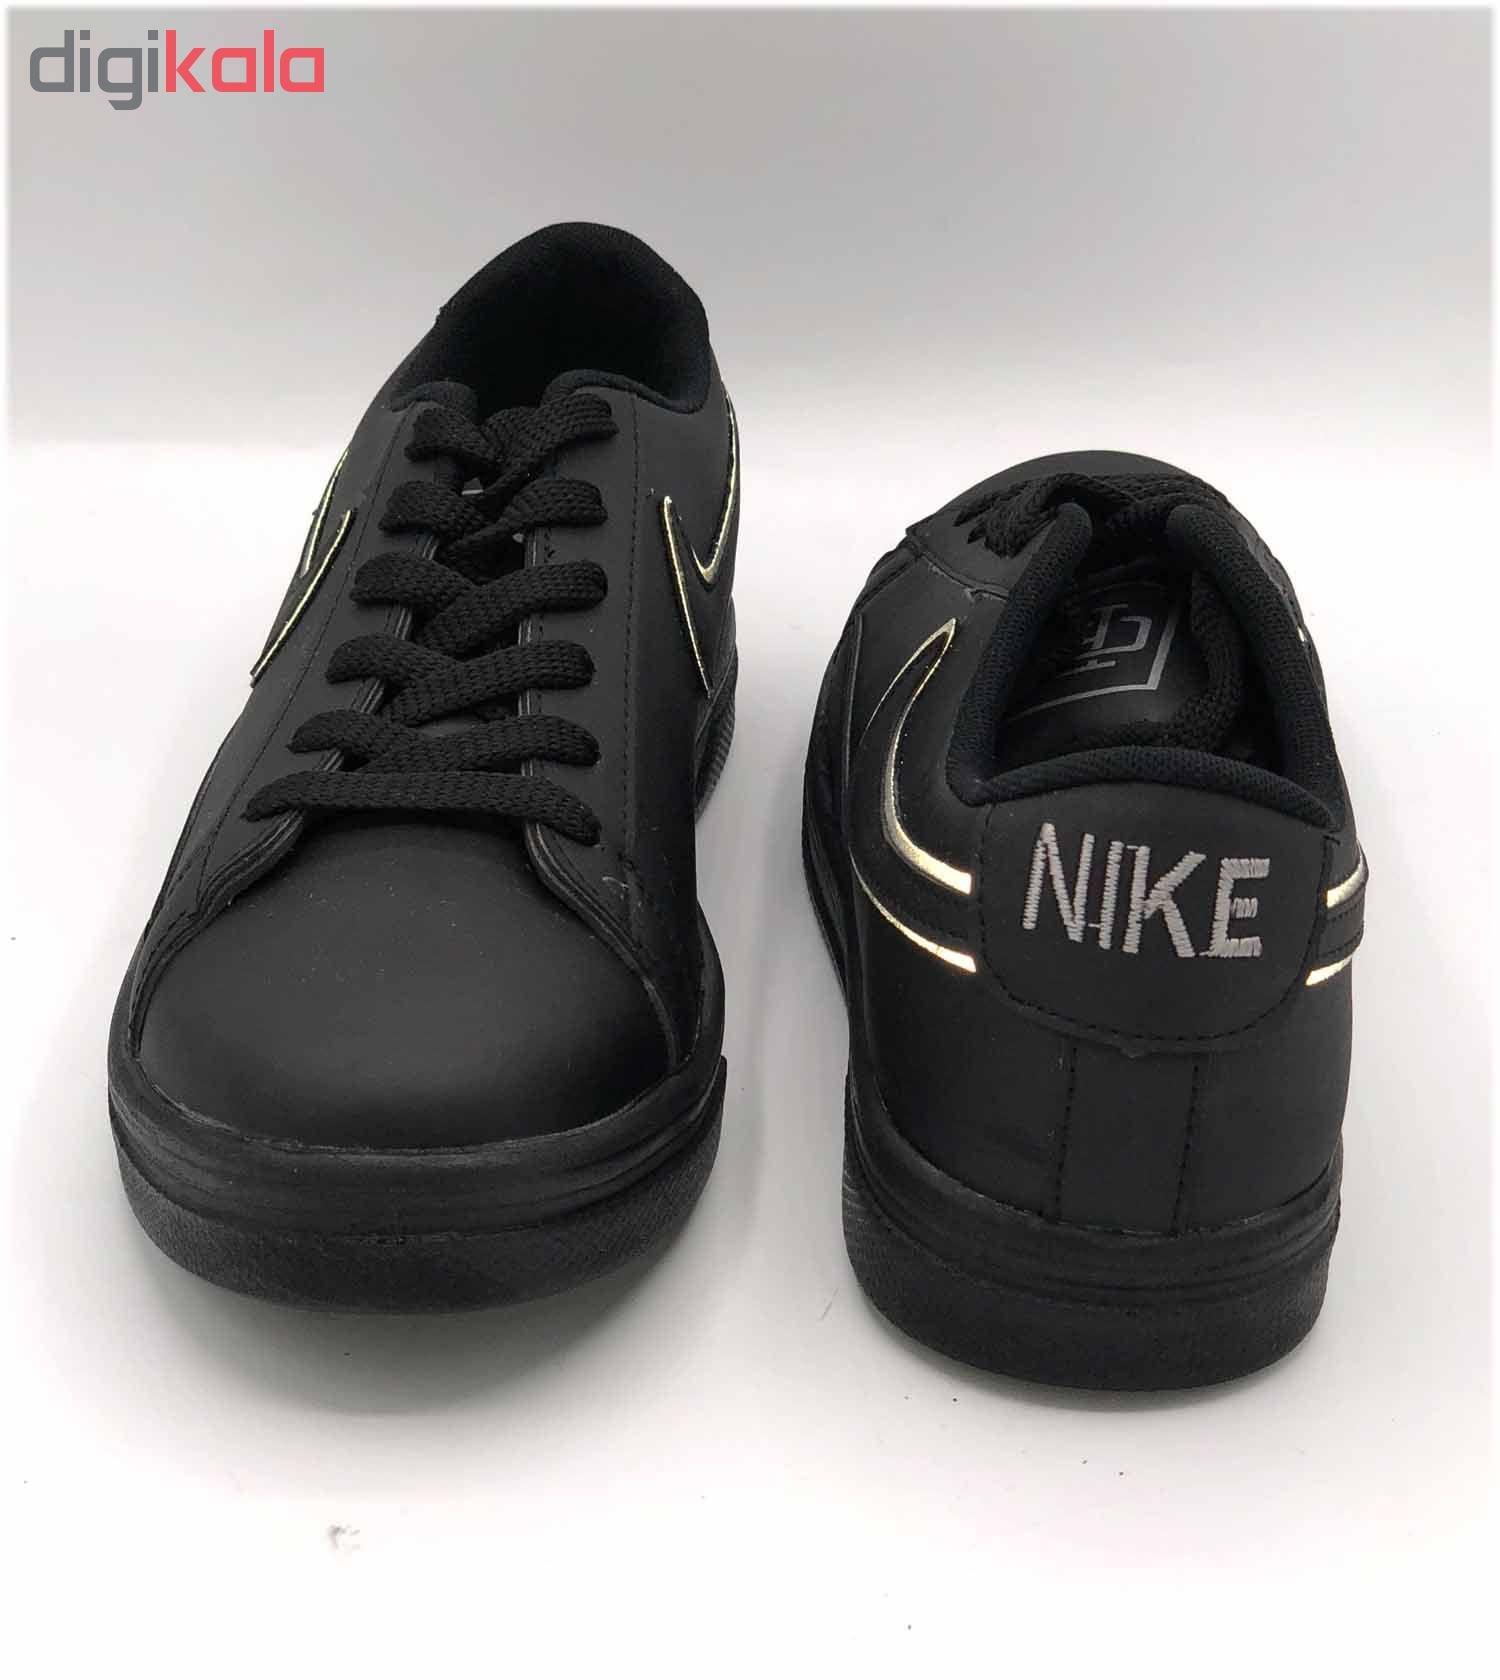 کفش مخصوص پیاده روی نه کد M. 203